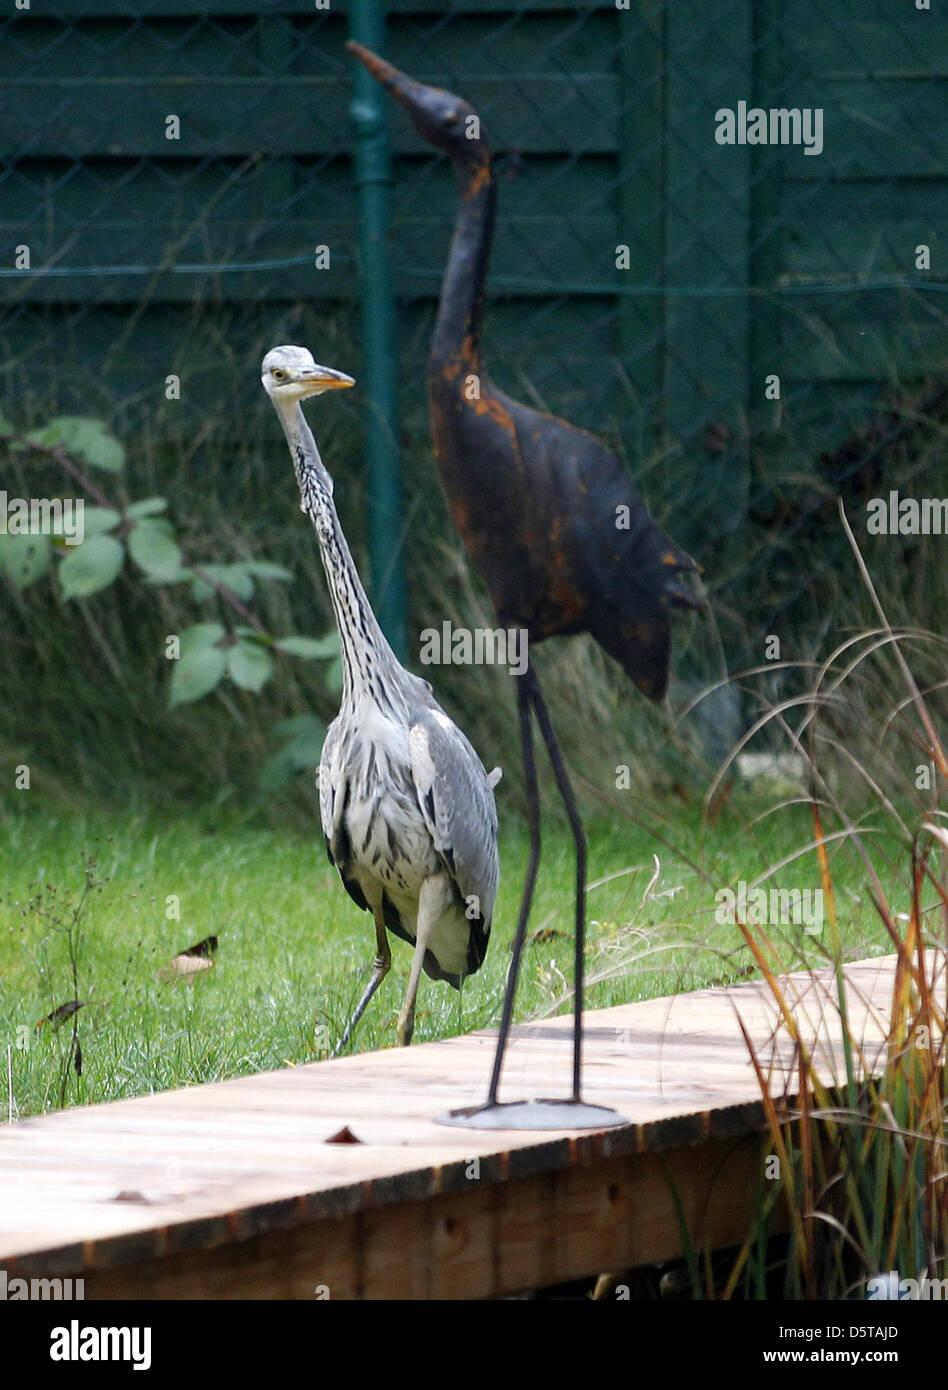 Vogelscheuche stockfotos vogelscheuche bilder alamy for Teichfische nrw